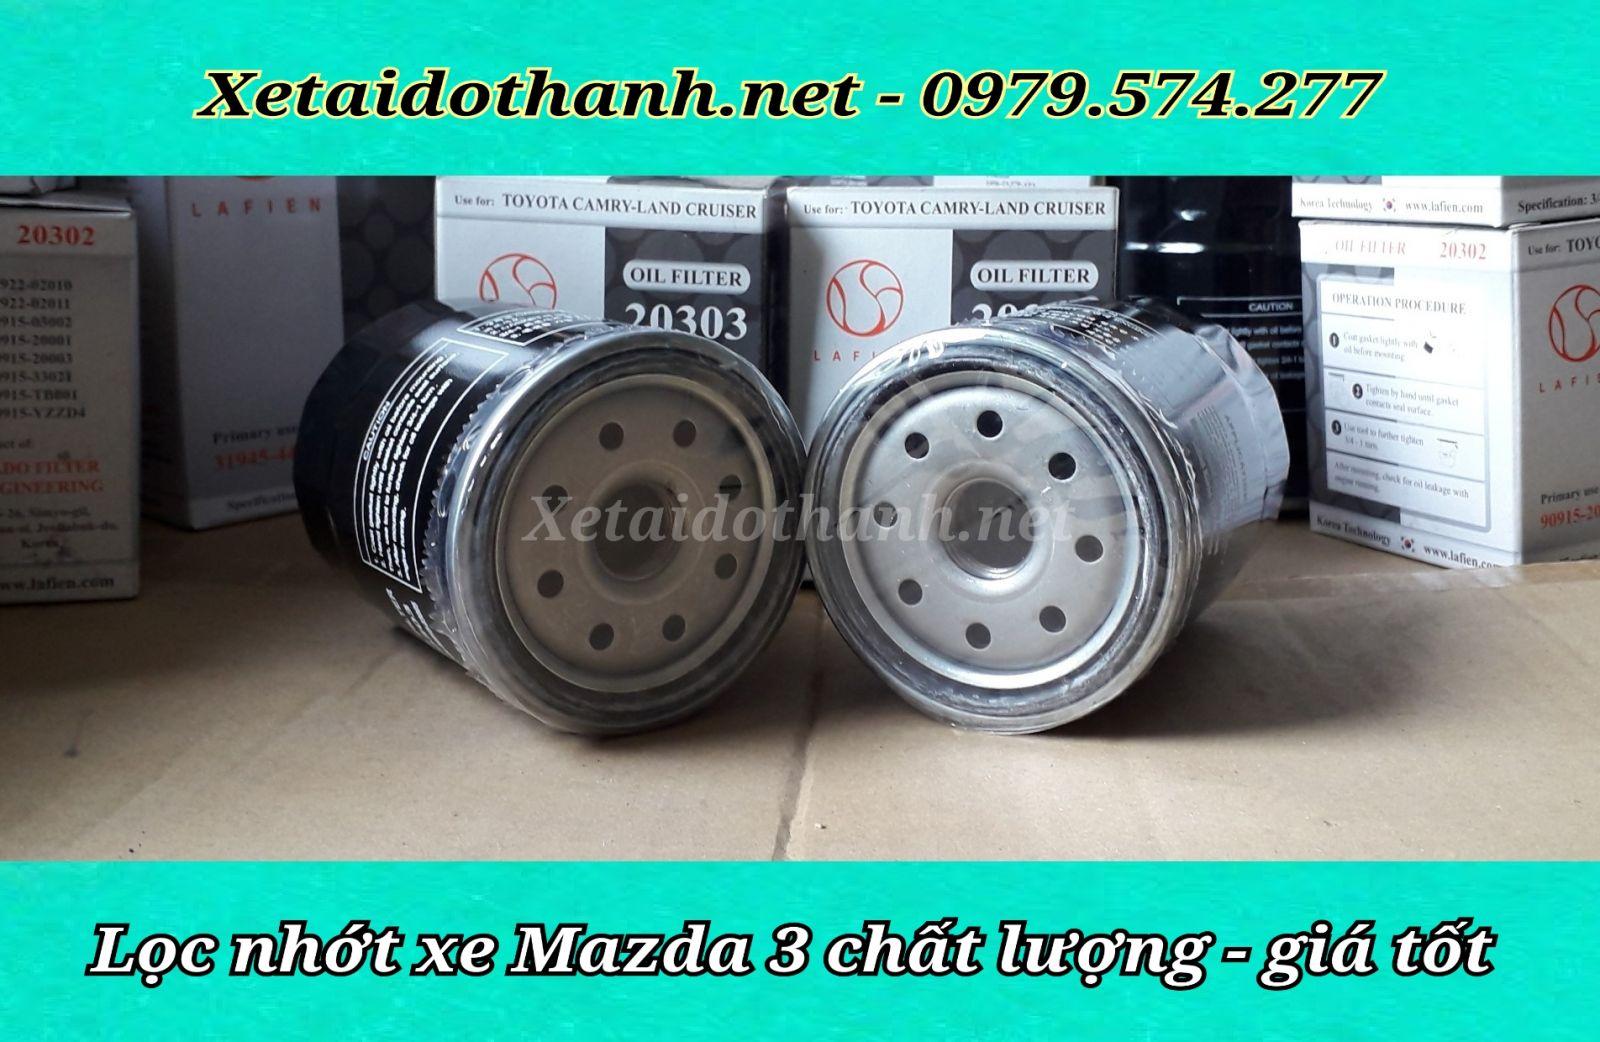 Lọc nhớt xe Mazda 3